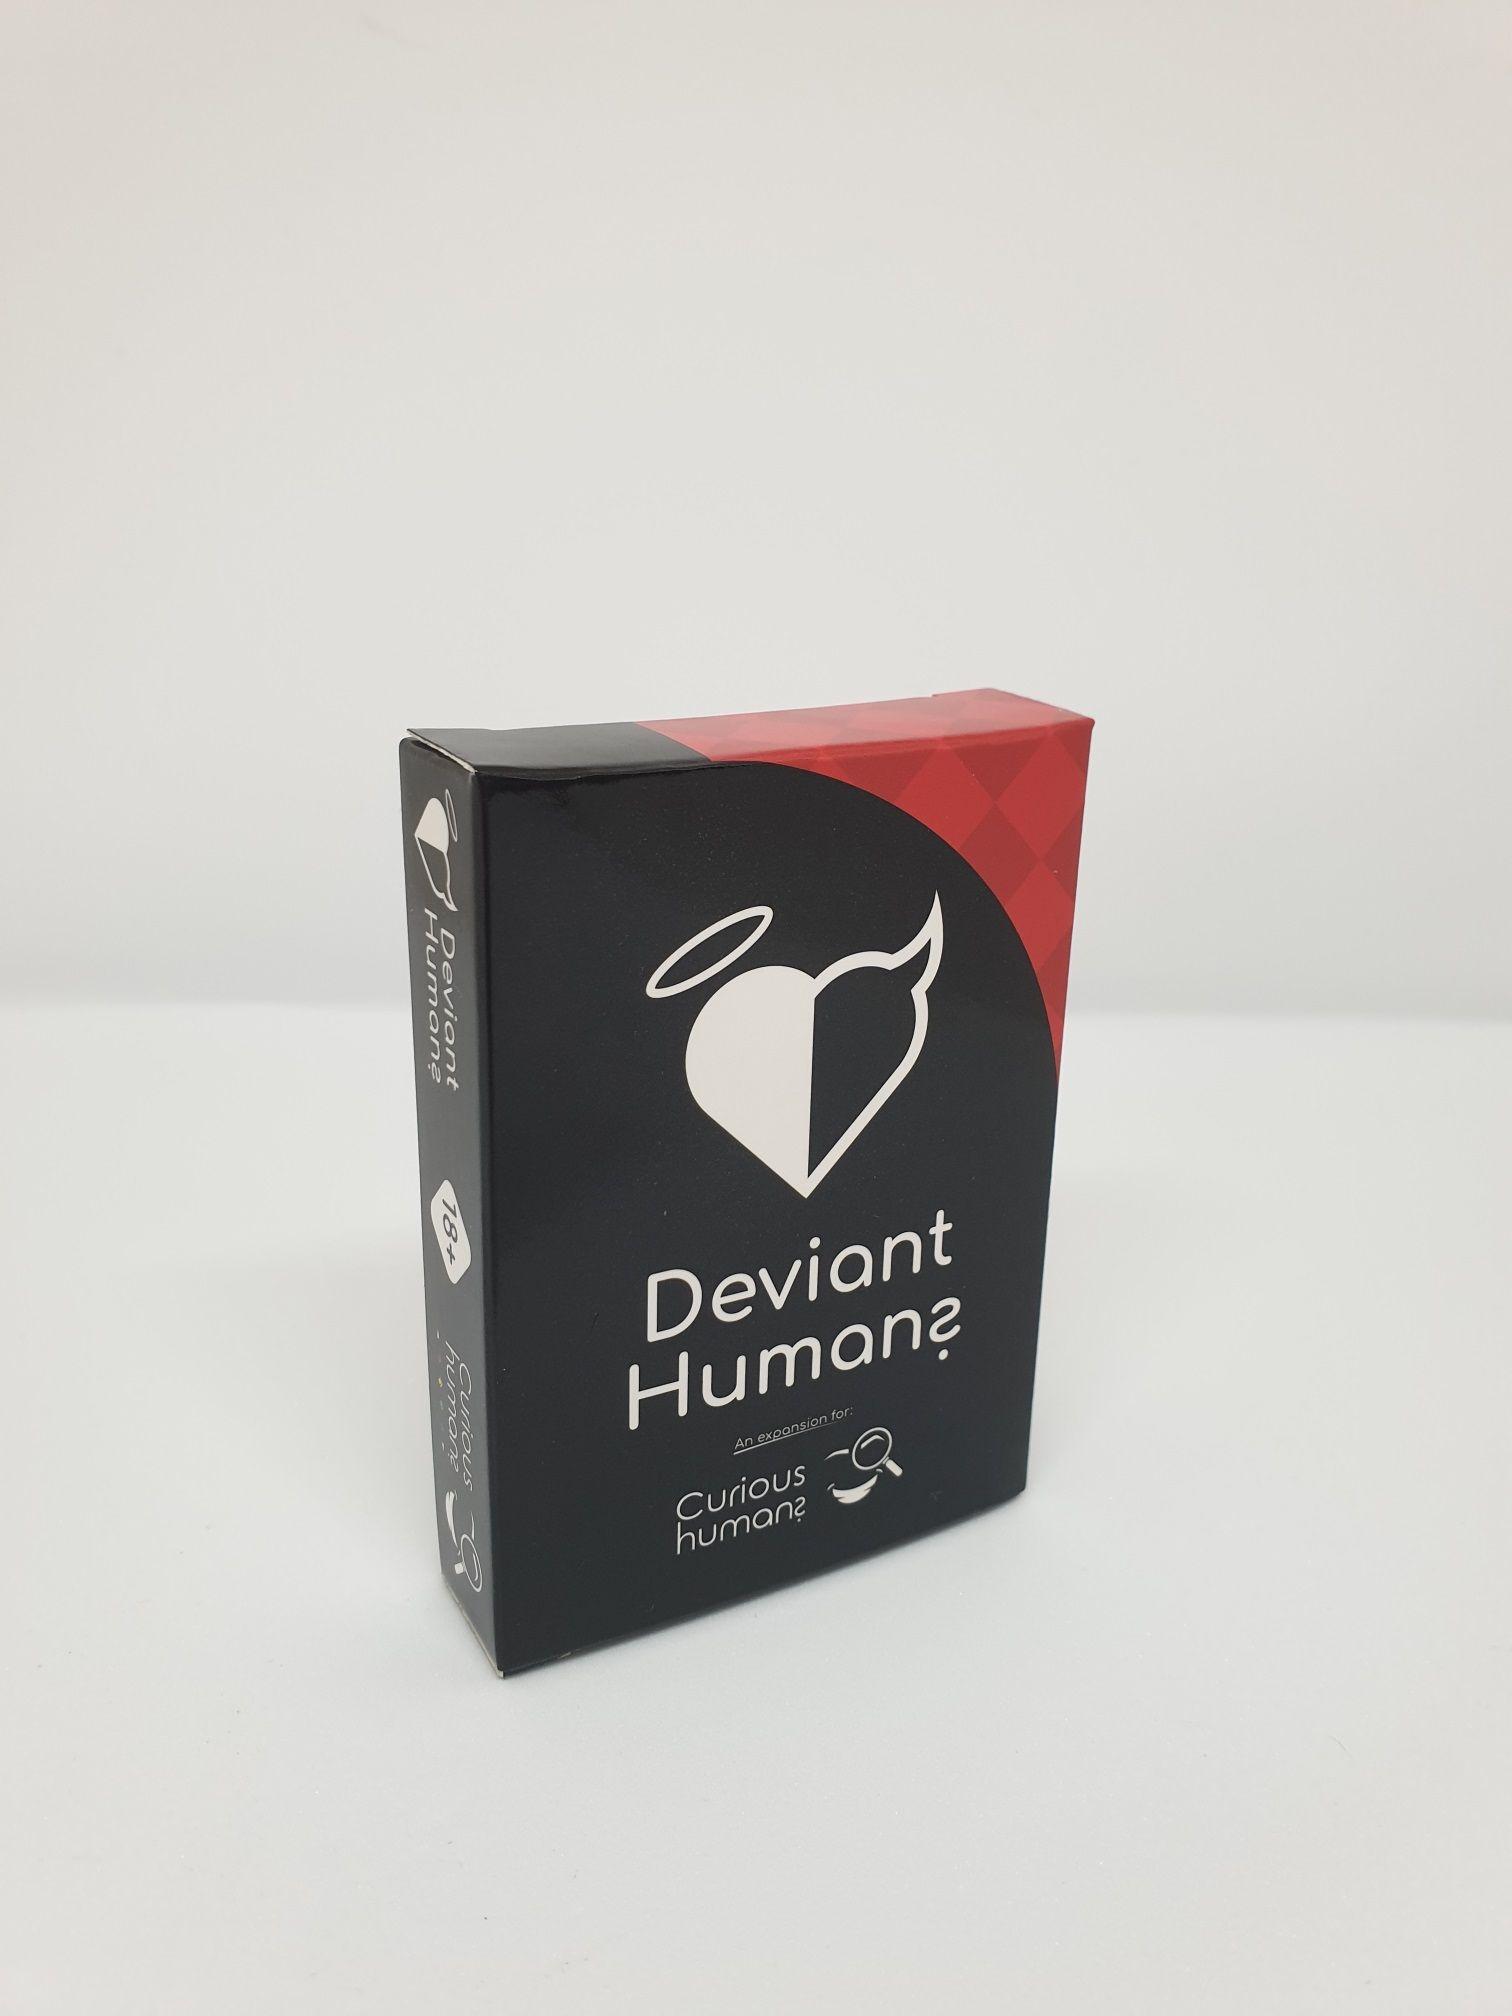 Curious Humans: Deviant Humans Expansion Pack